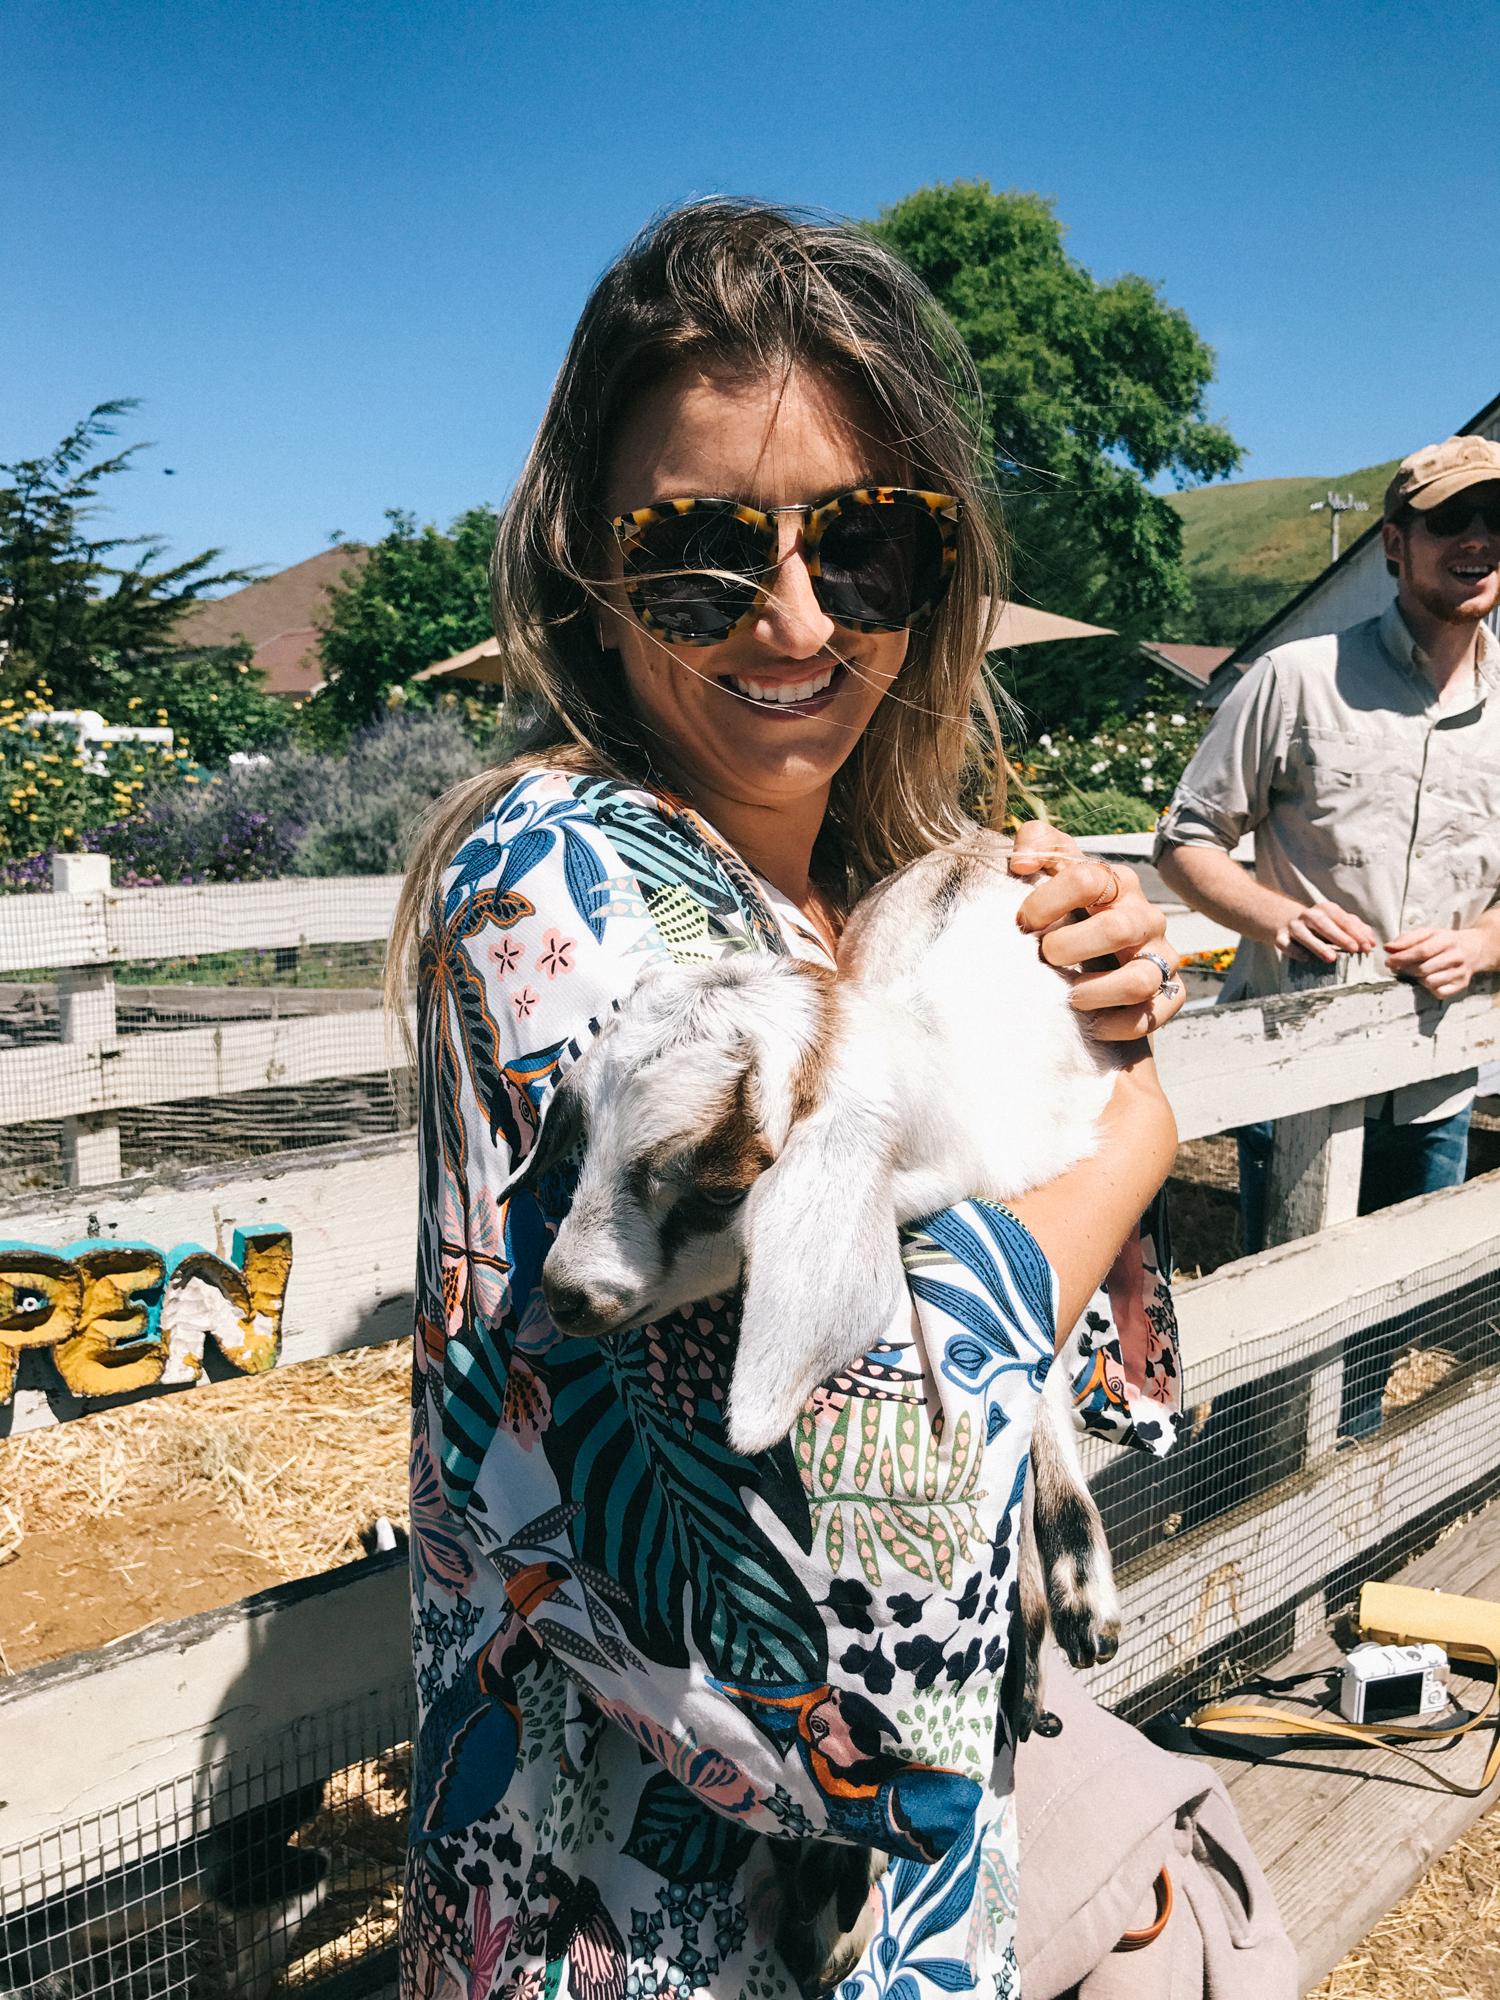 goat farm visit in half moon bay | A Fabulous Fete